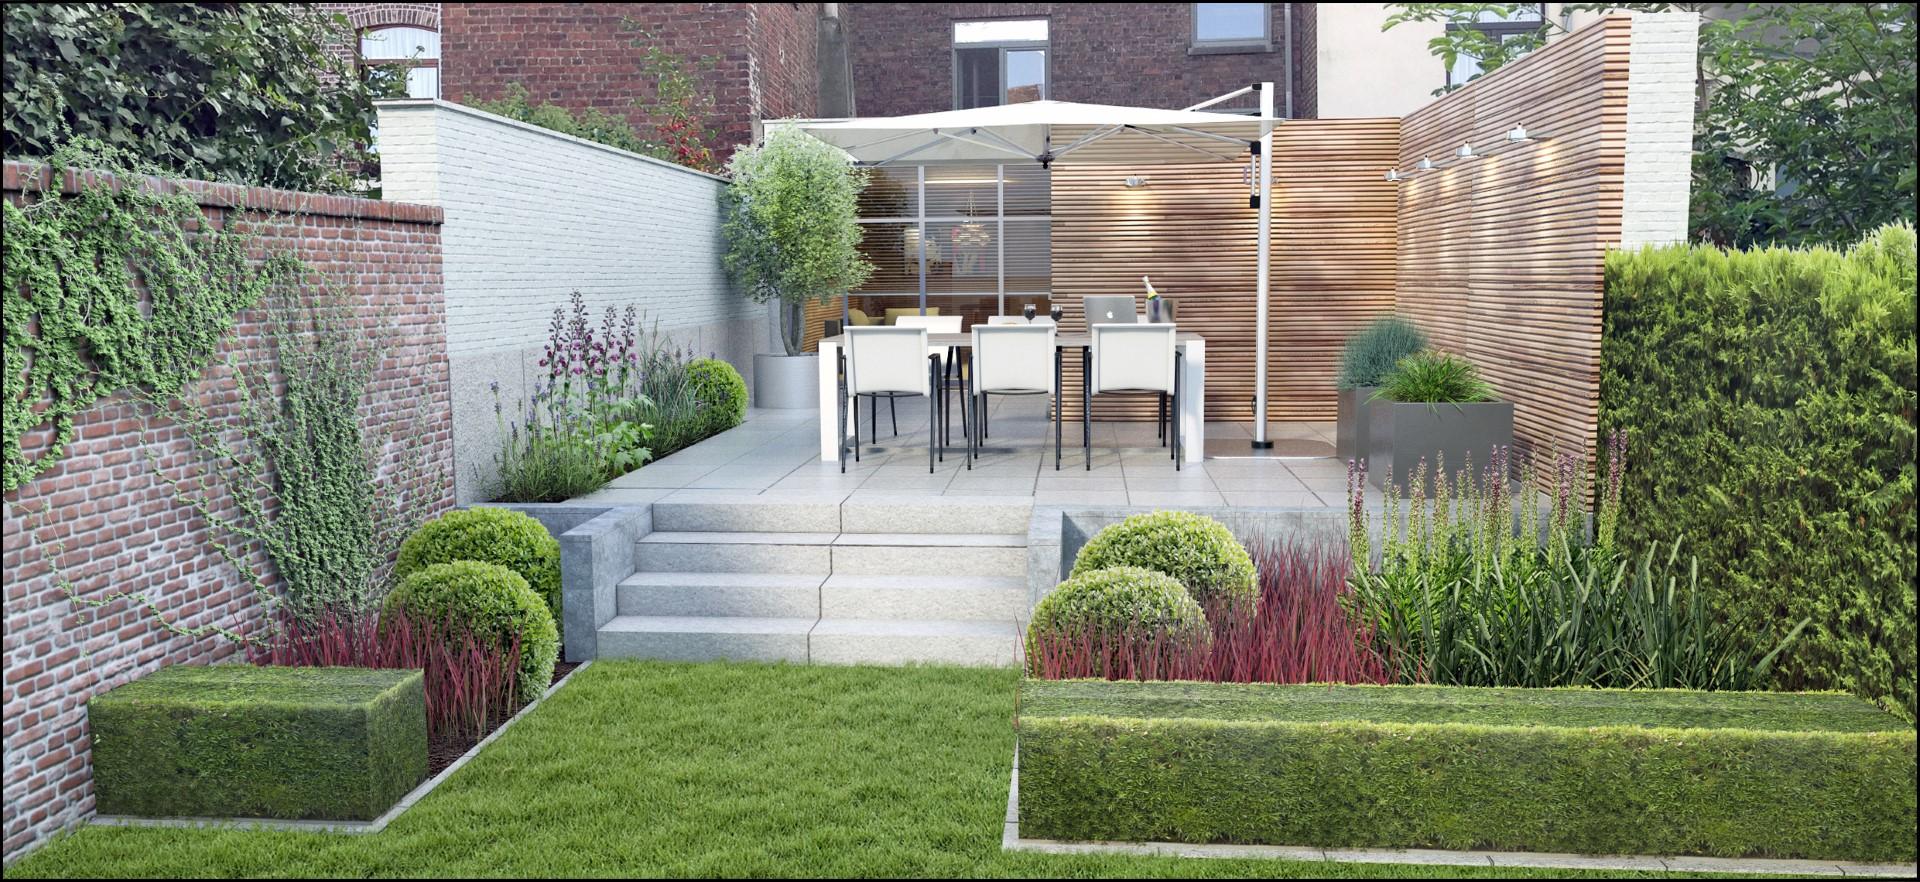 Eco tuinarchitectengroep 3d projecten kleine stadstuin - Klein zwembad in de kleine tuin ...